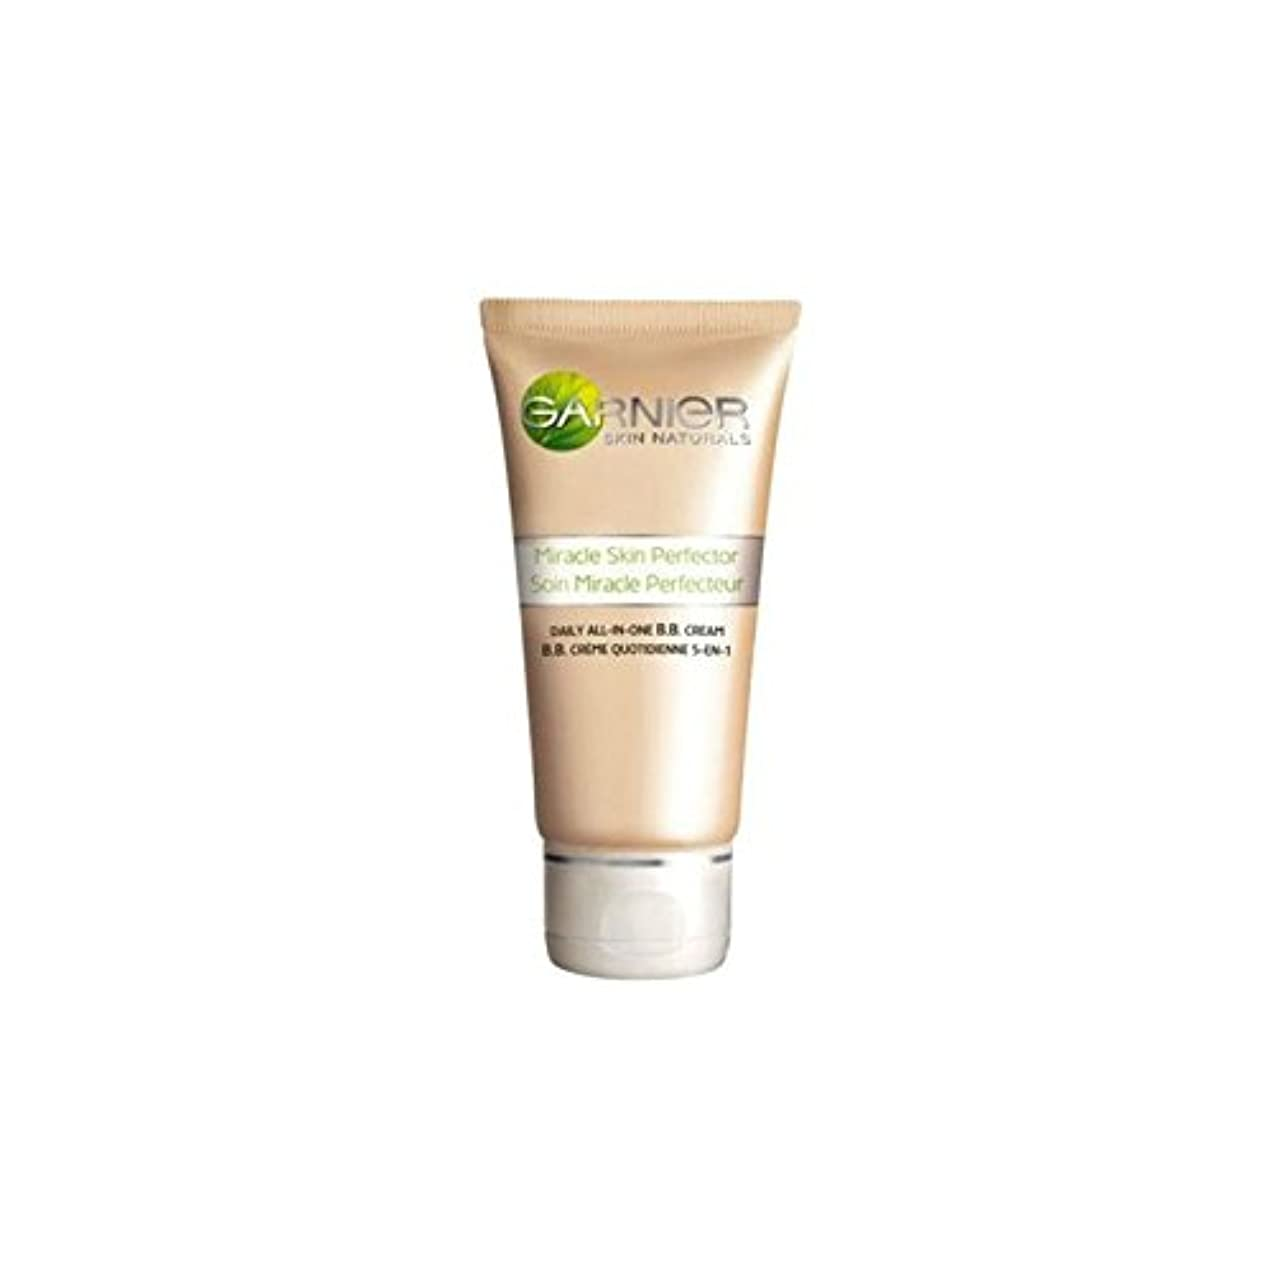 守るサバント寂しいGarnier Original Medium Bb Cream (50ml) - ガルニエオリジナル媒体クリーム(50)中 [並行輸入品]